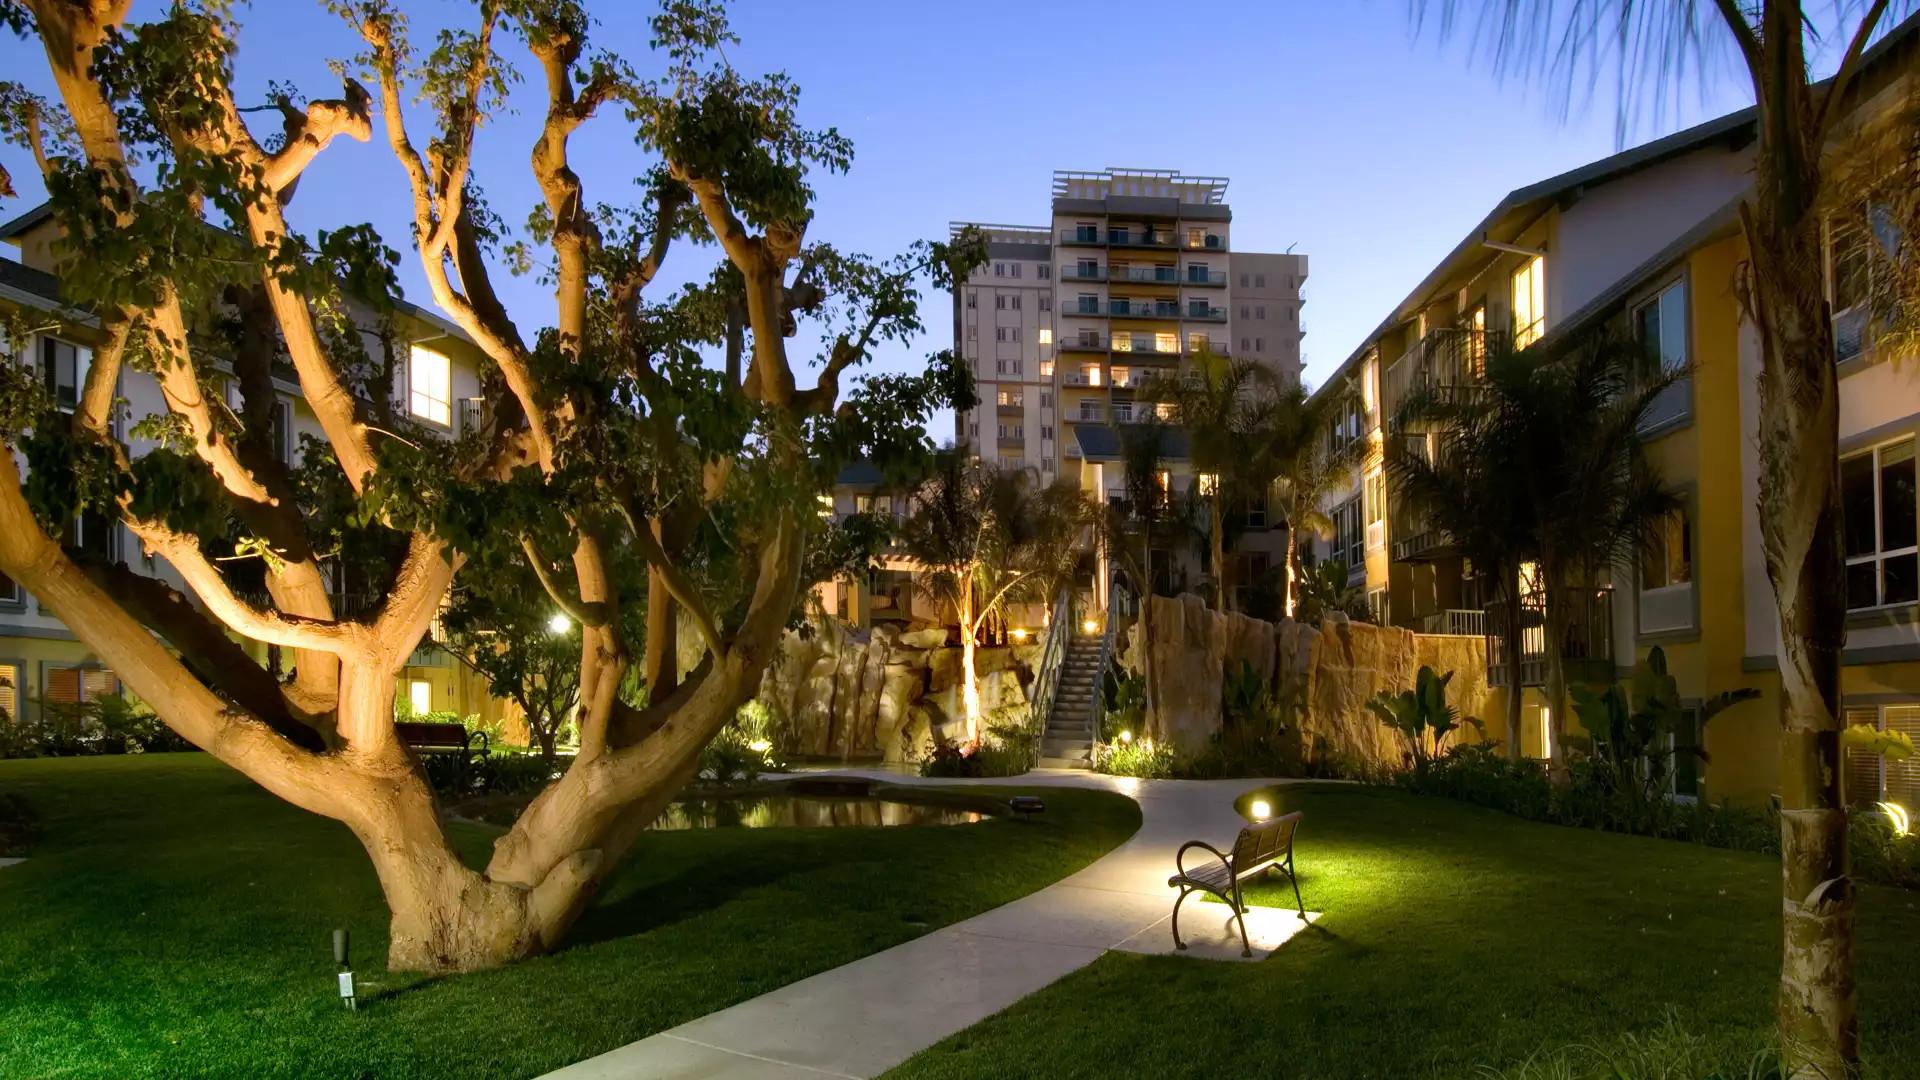 Marina 41 Apartments - Marina del Rey, CA